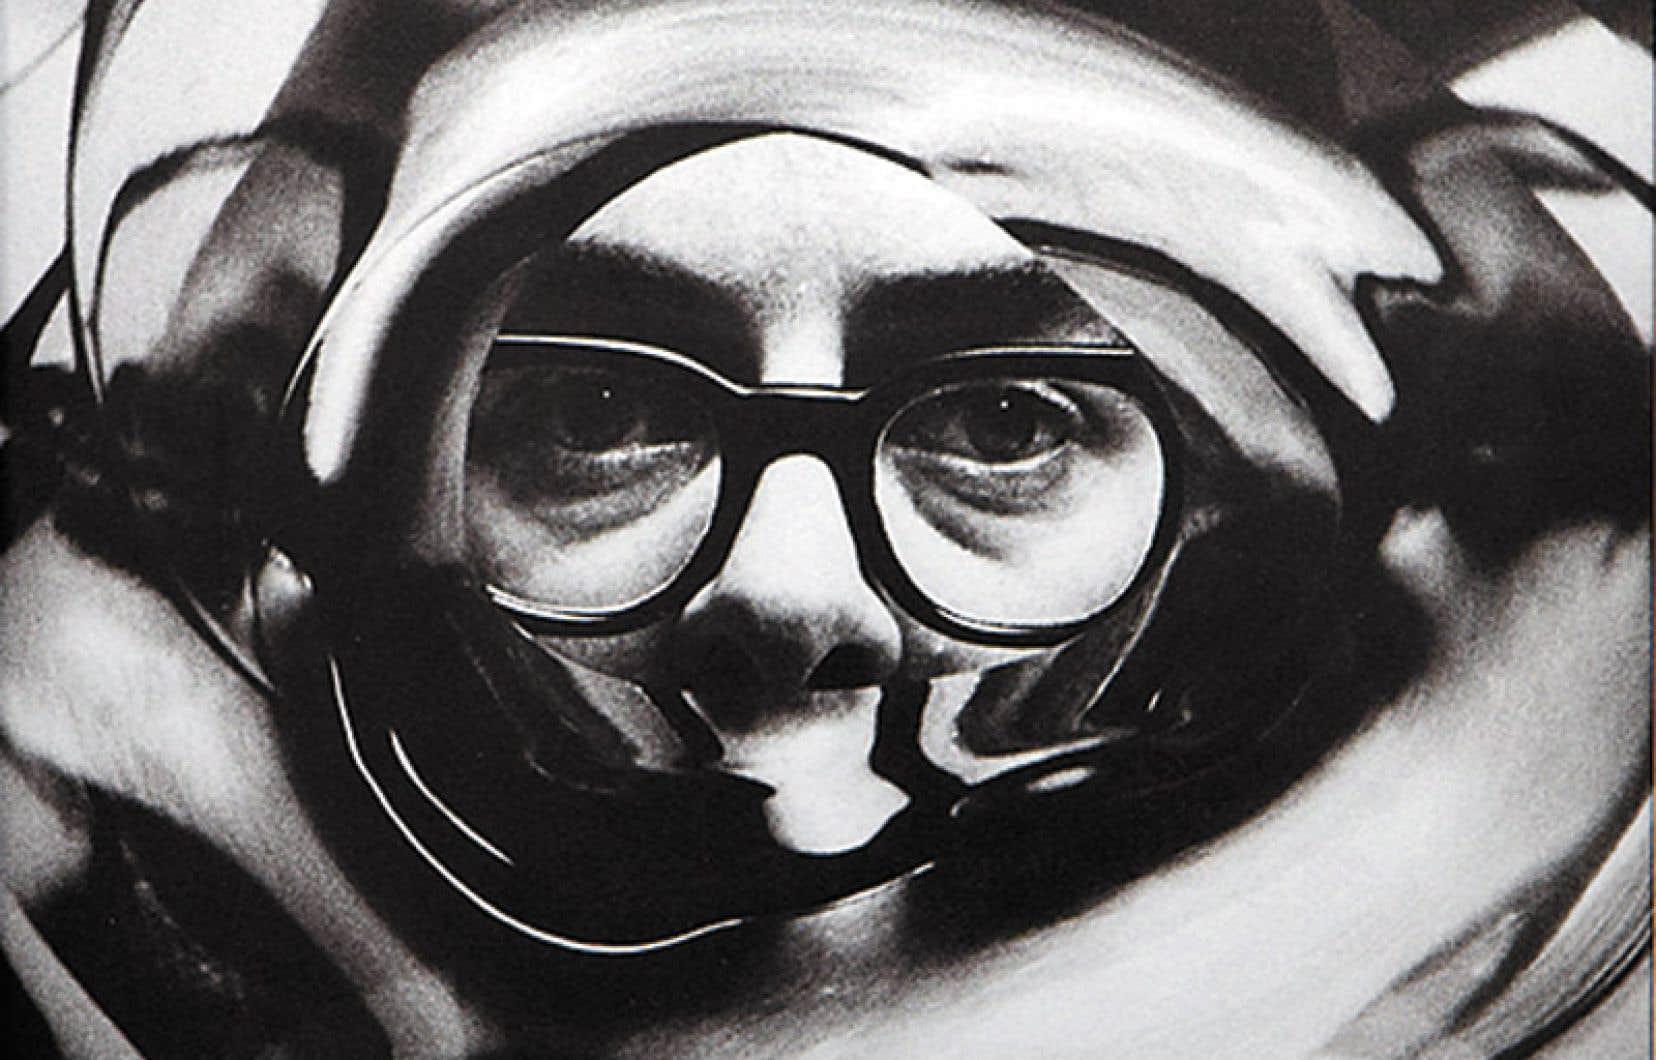 Image tirée de la couverture de la monographie de l'artiste.